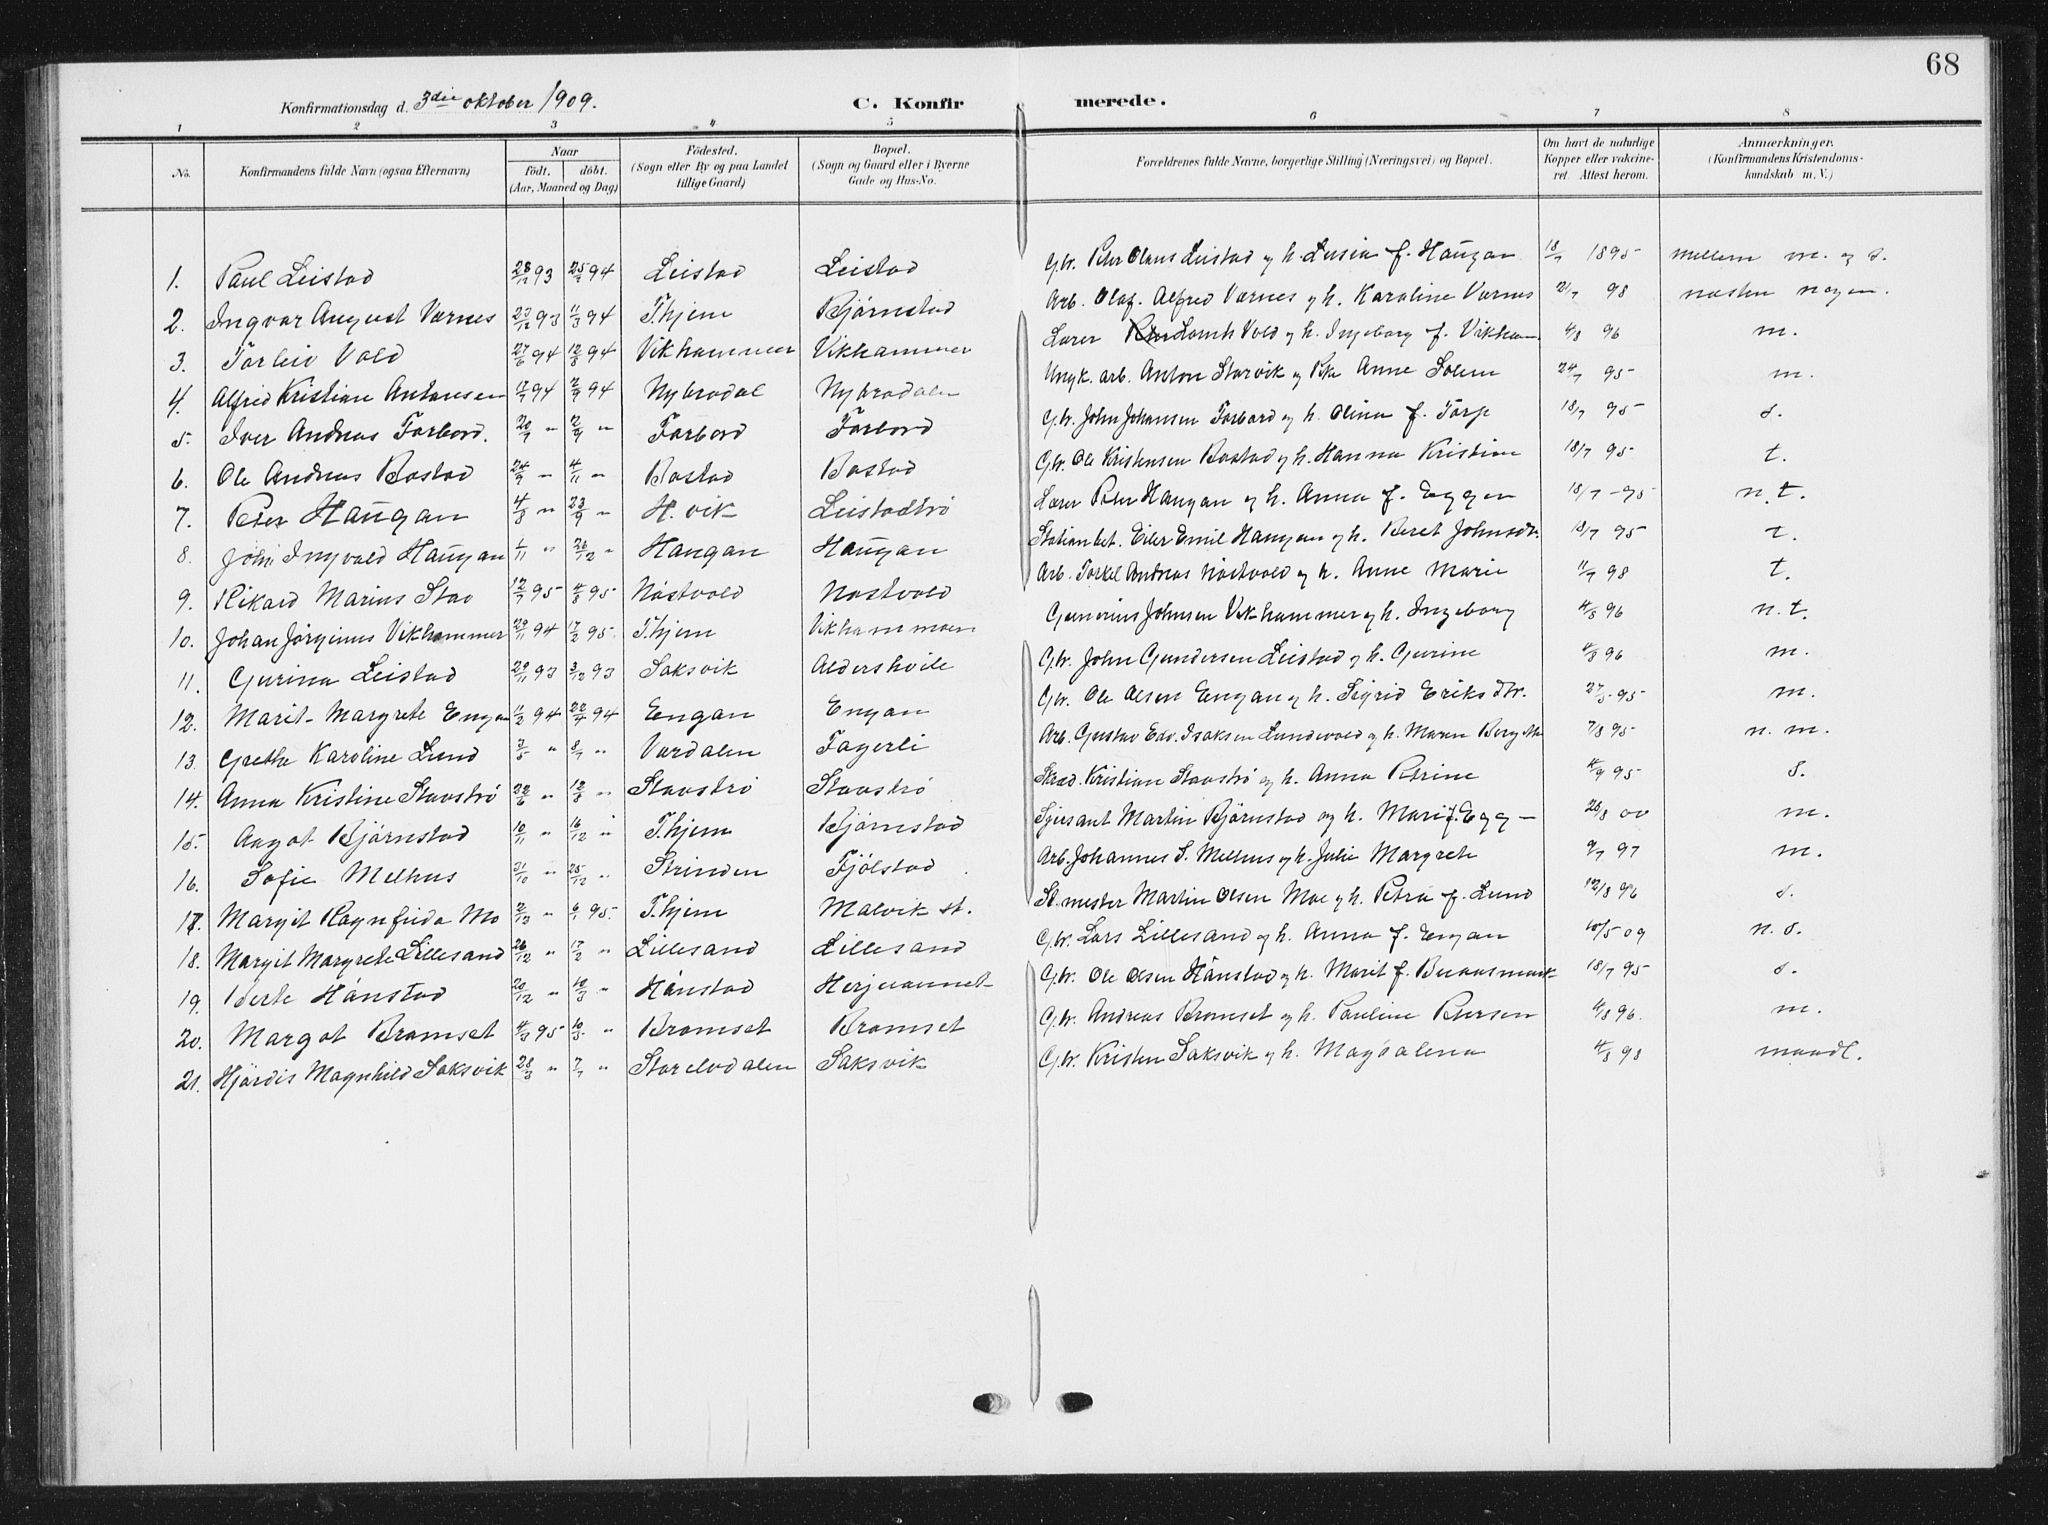 SAT, Ministerialprotokoller, klokkerbøker og fødselsregistre - Sør-Trøndelag, 616/L0424: Klokkerbok nr. 616C07, 1904-1940, s. 68